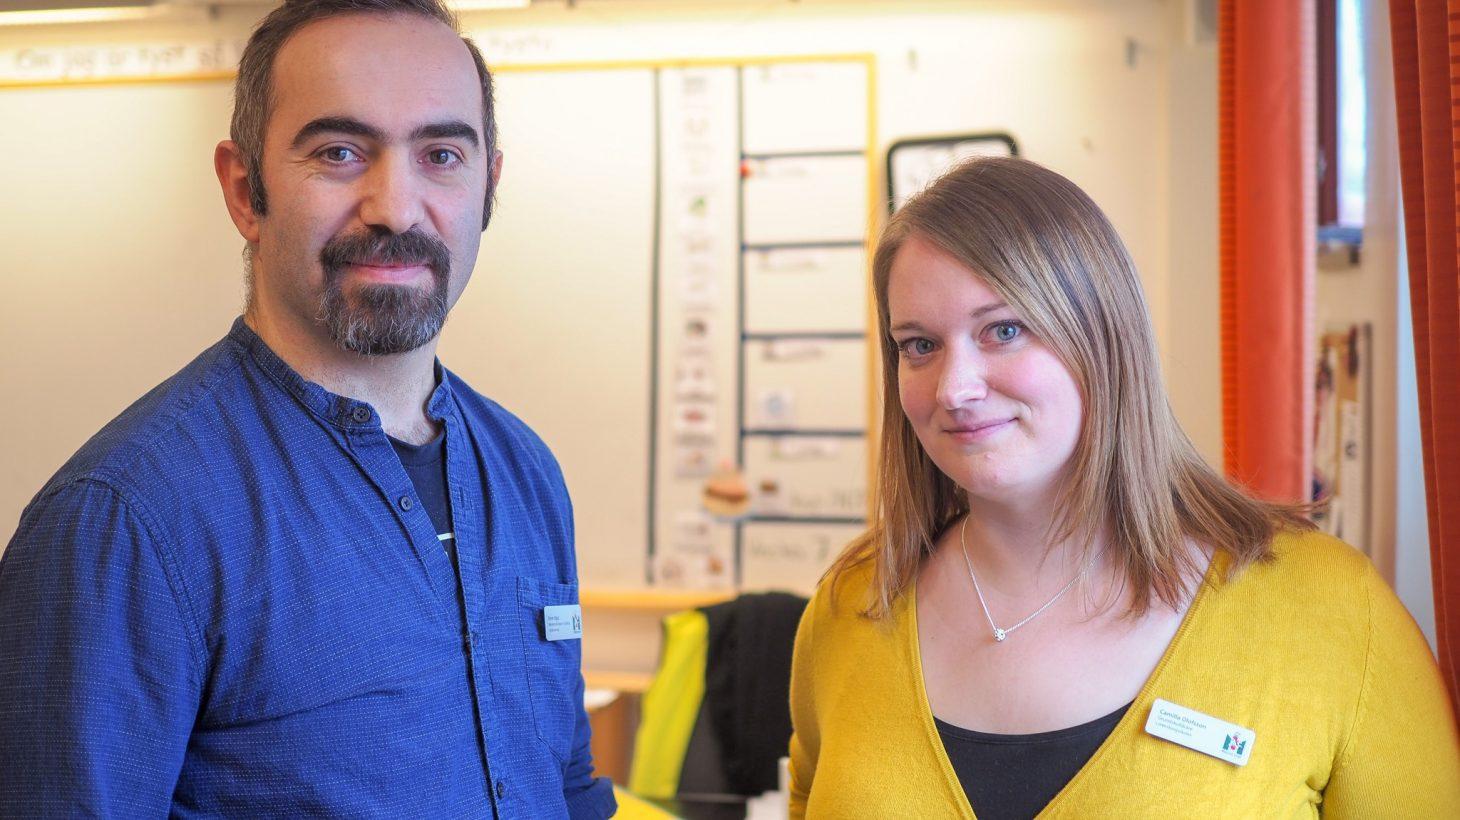 Emre Oguz och Camilla Olofsson i ett klassrum.